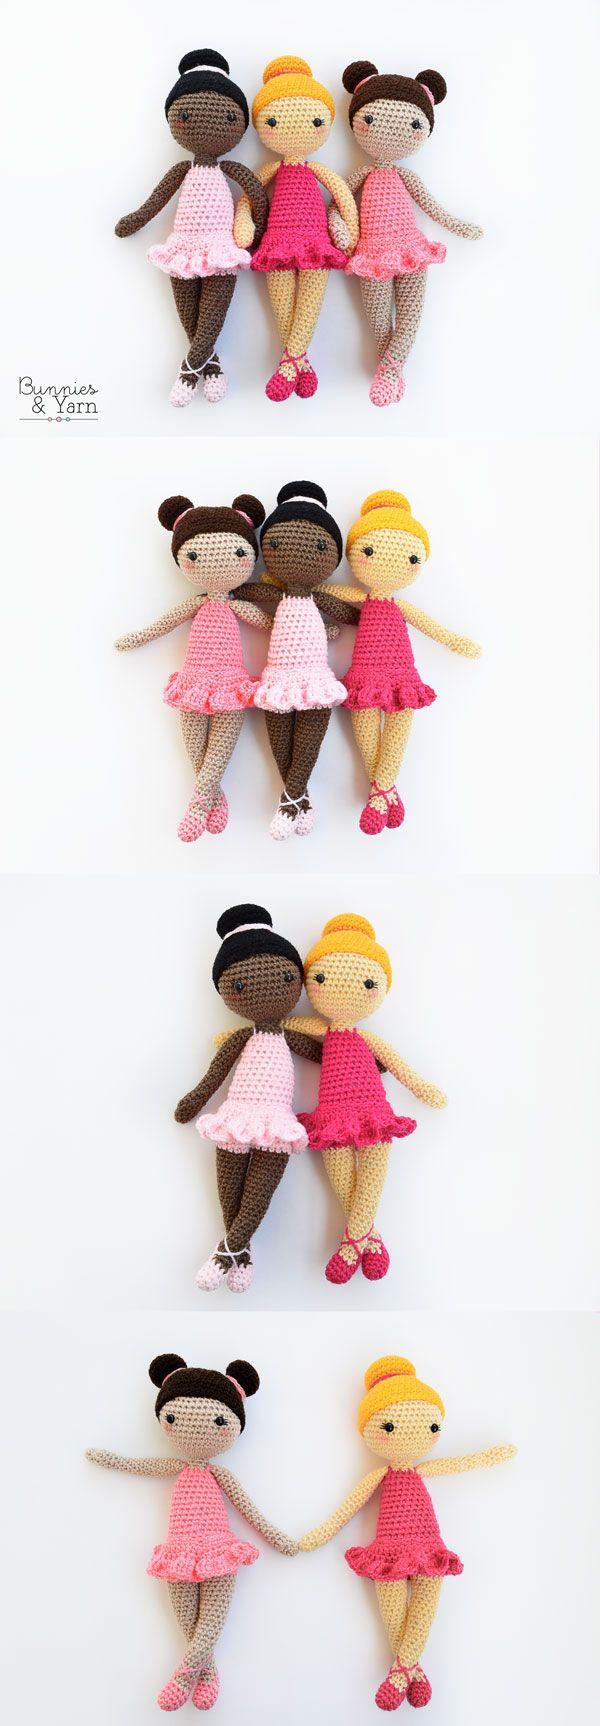 Mejores 364 imágenes de muñecos, llaveros tejidos en Pinterest ...